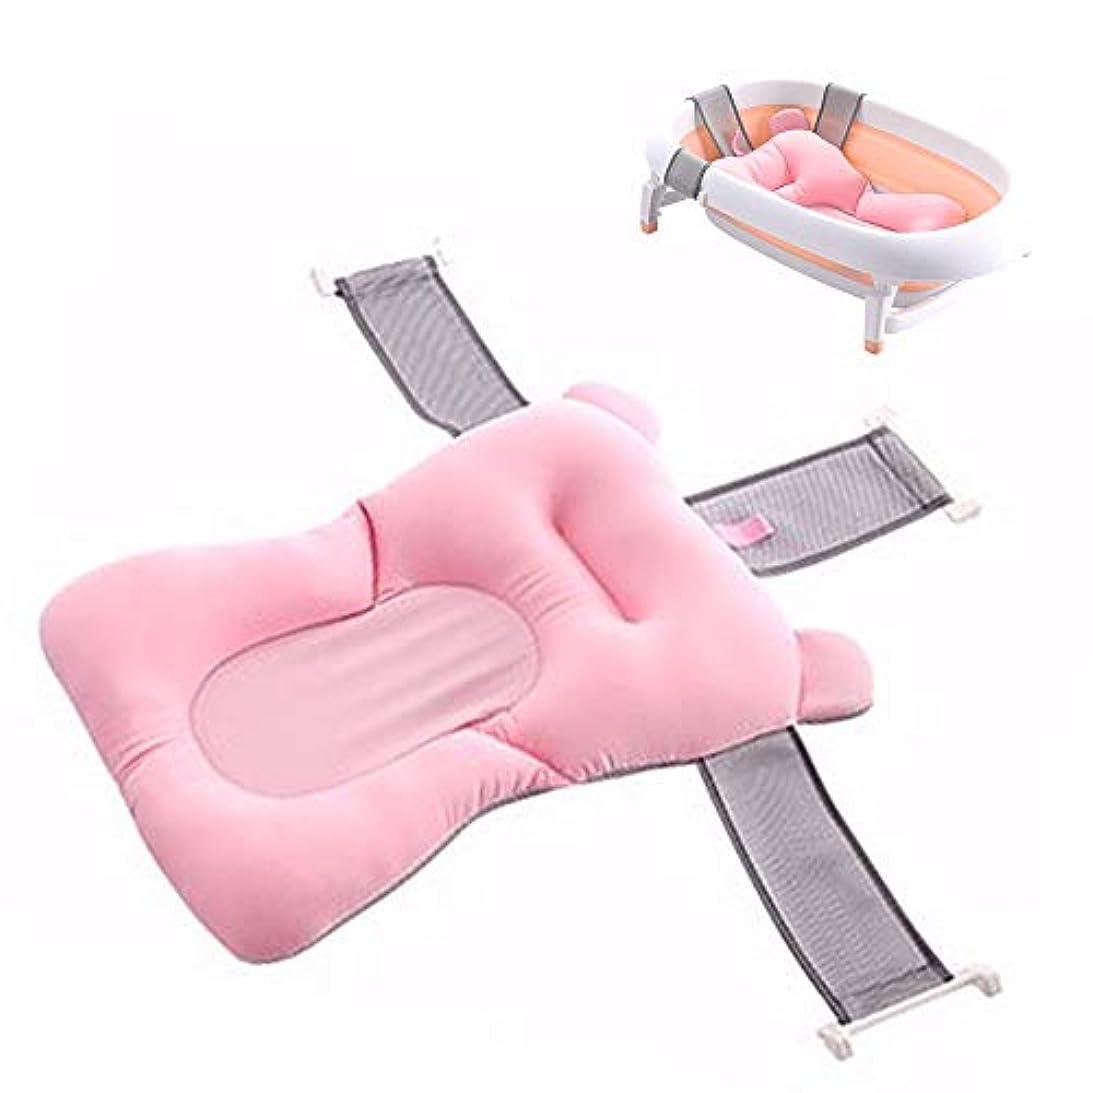 赤ちゃん浴槽枕風呂クッション幼児ラウンジャーエアクッション柔らかい滑り止めバスシート用0-12ヶ月幼児,Pink